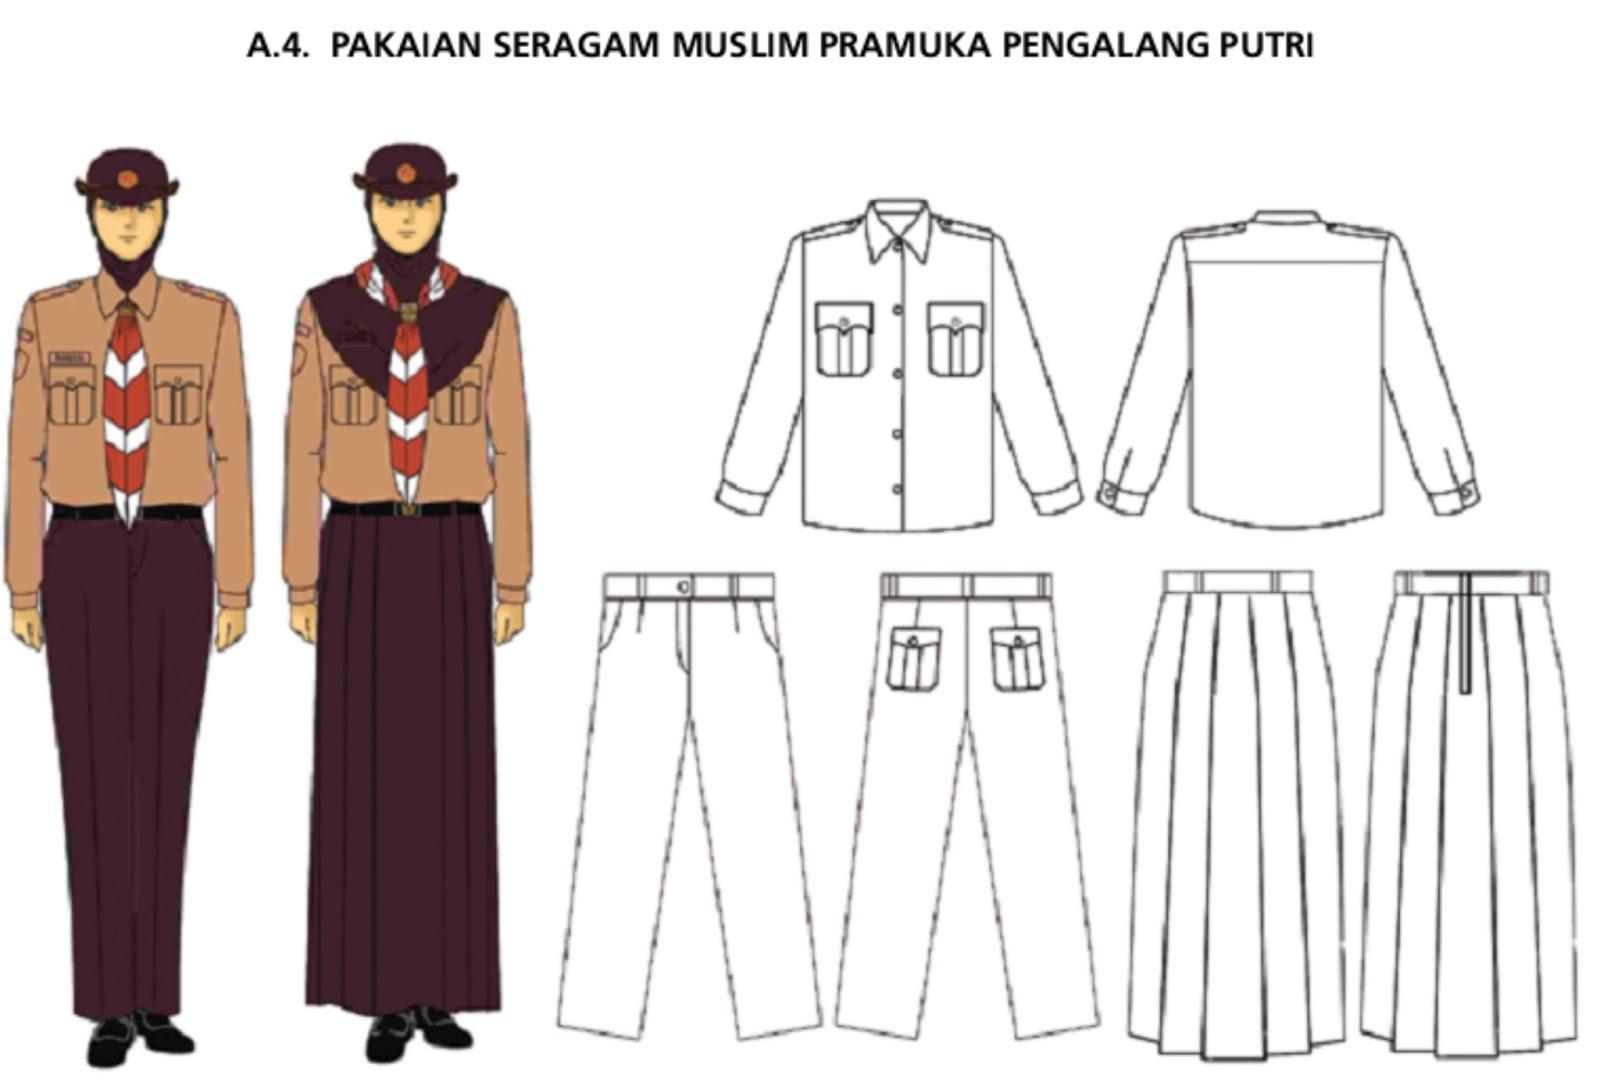 Jumly Perdana: BENTUK BAJU SERAGAM PRAMUKA TERBARU 2013